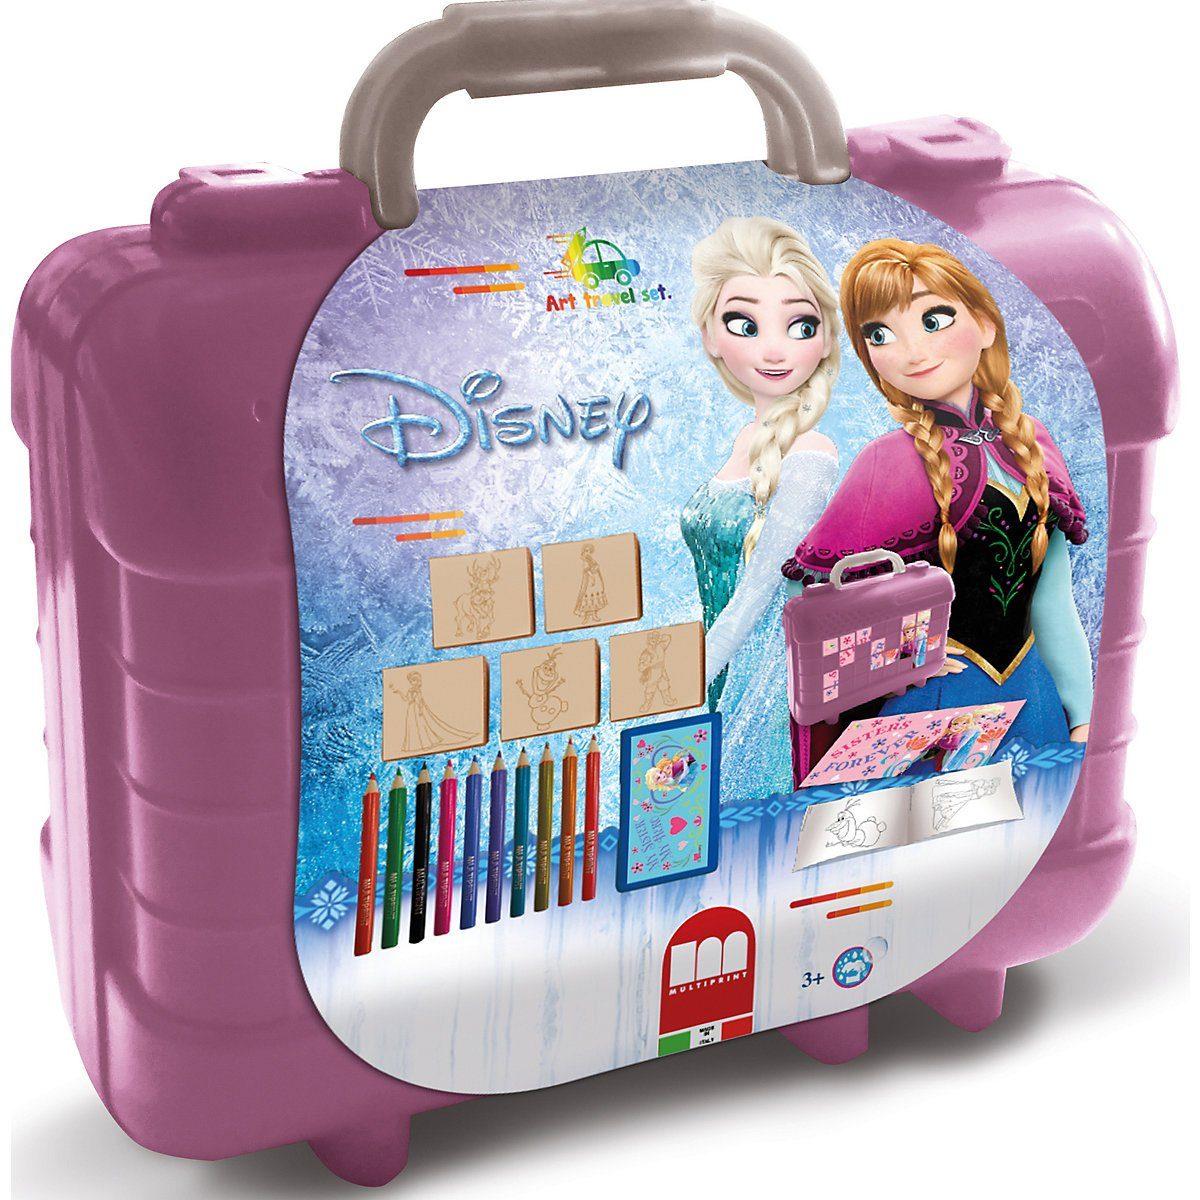 Disney Frozen Malvorlage »FROZEN Travel Set« OTTO